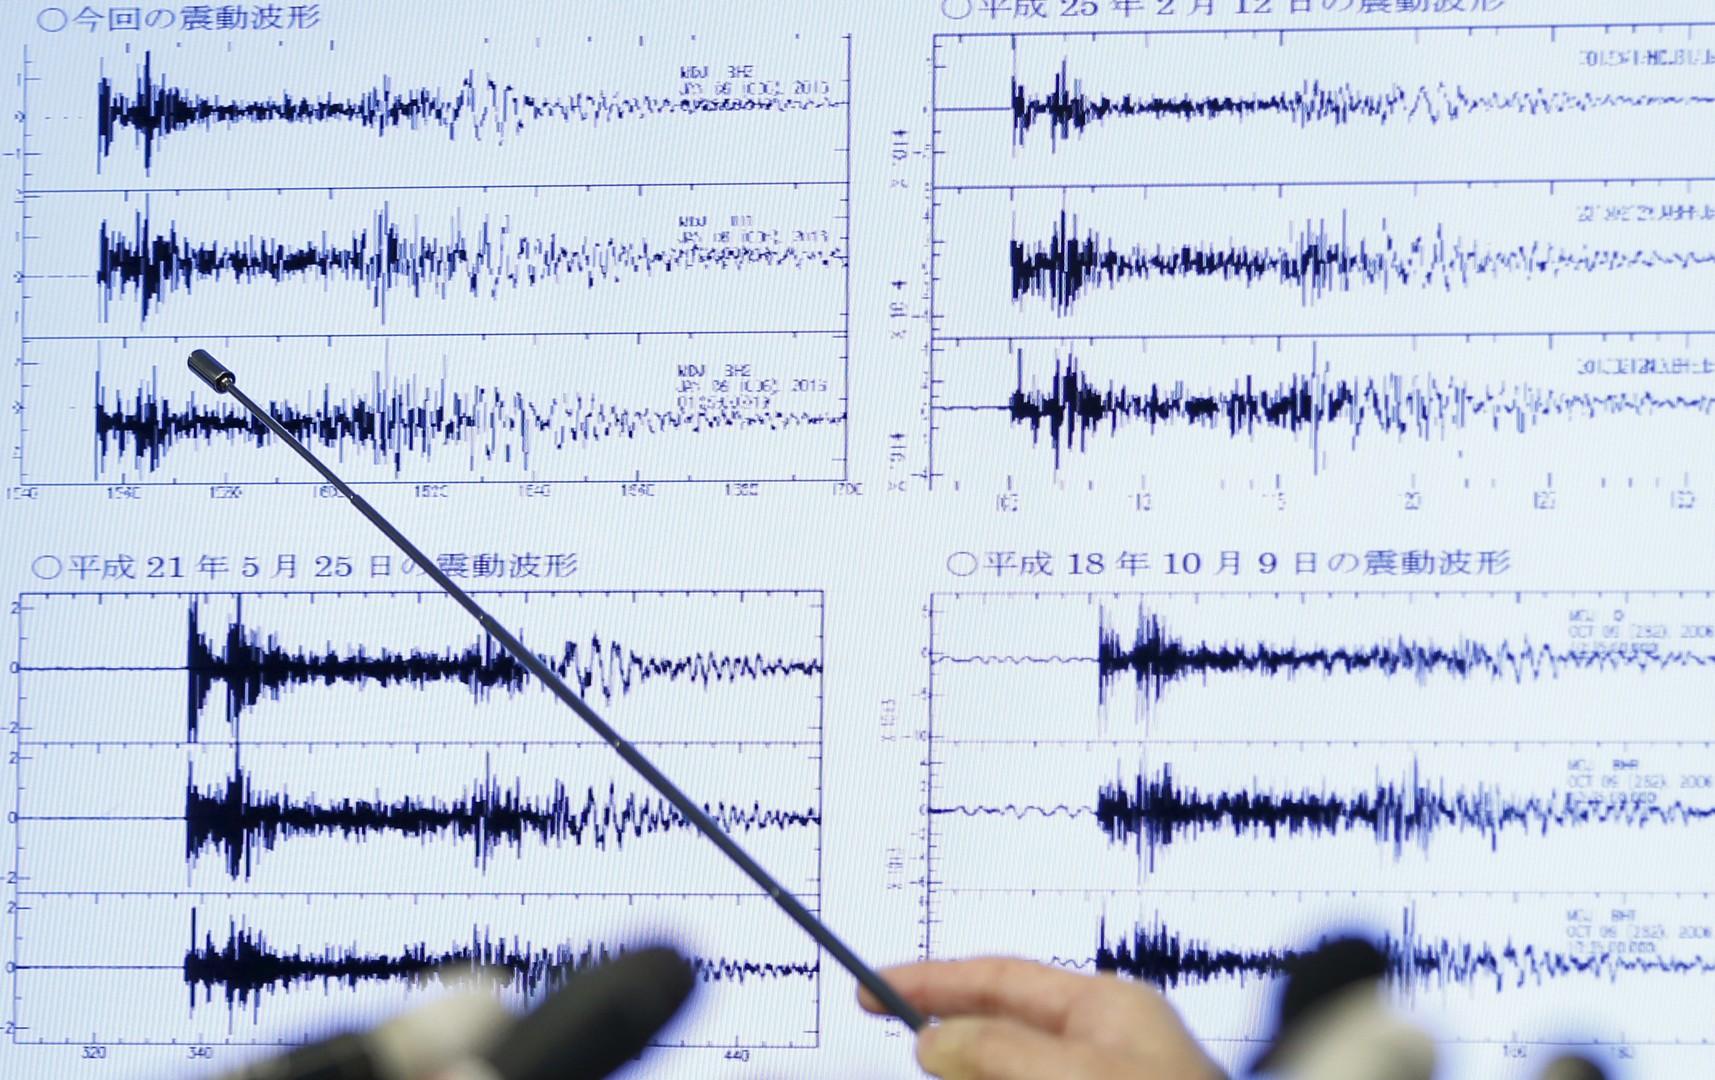 La Corée du Nord affirme avoir effectué un essai nucléaire réussi d'une bombe à hydrogène